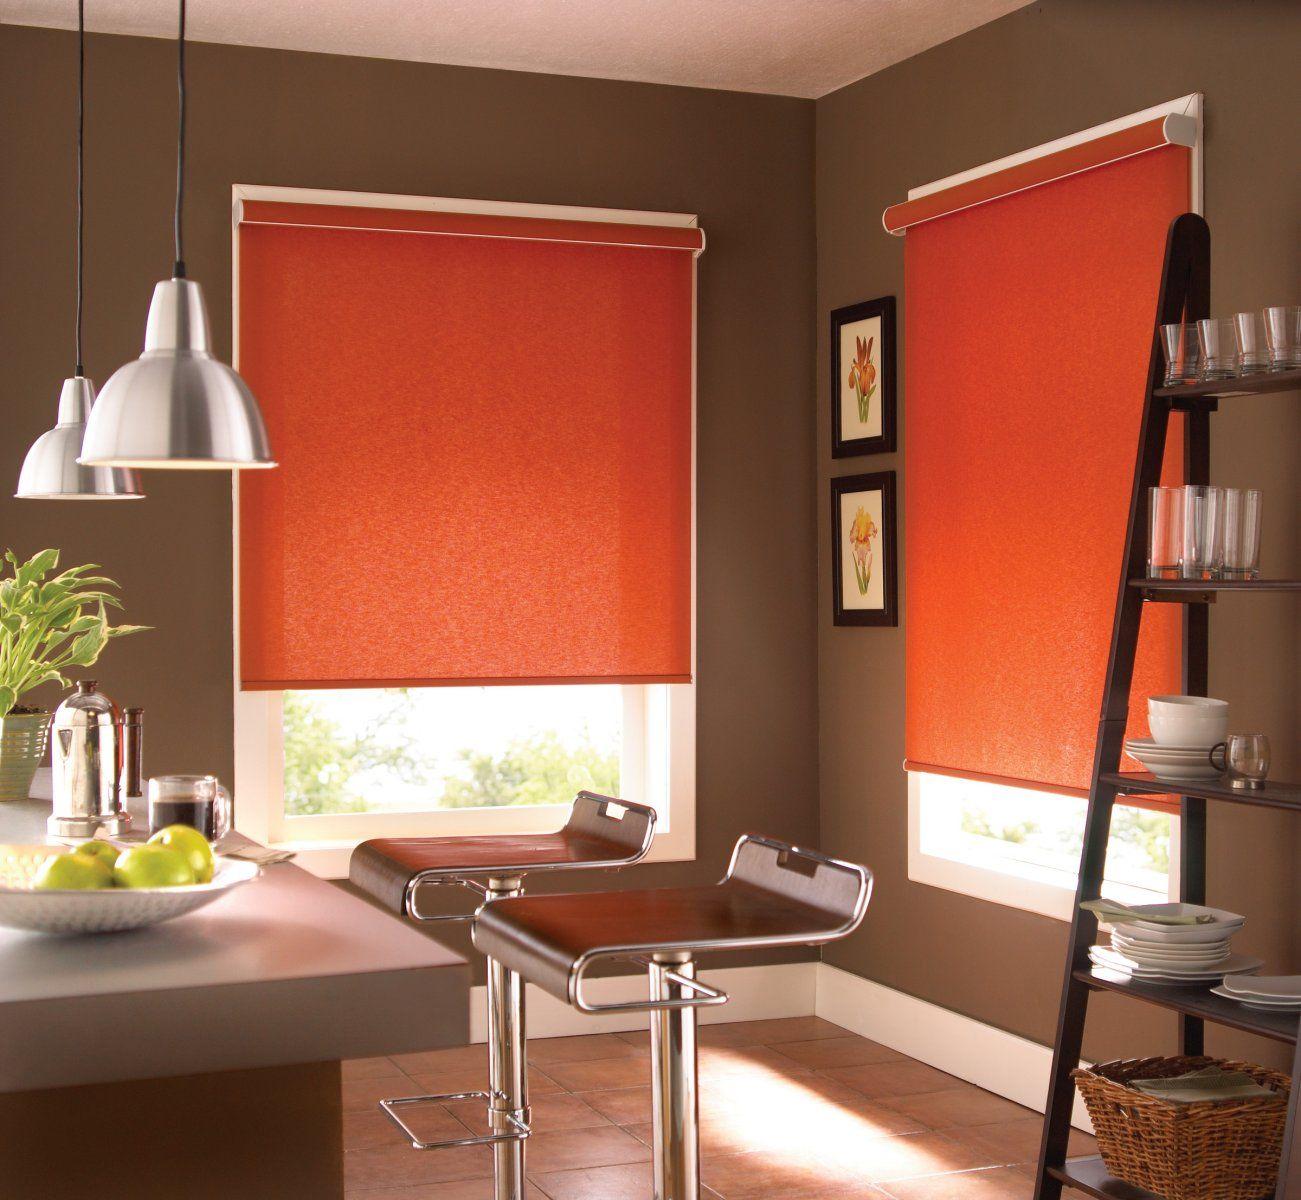 Acid orange colored roller blinds for open spaced modern kitchen